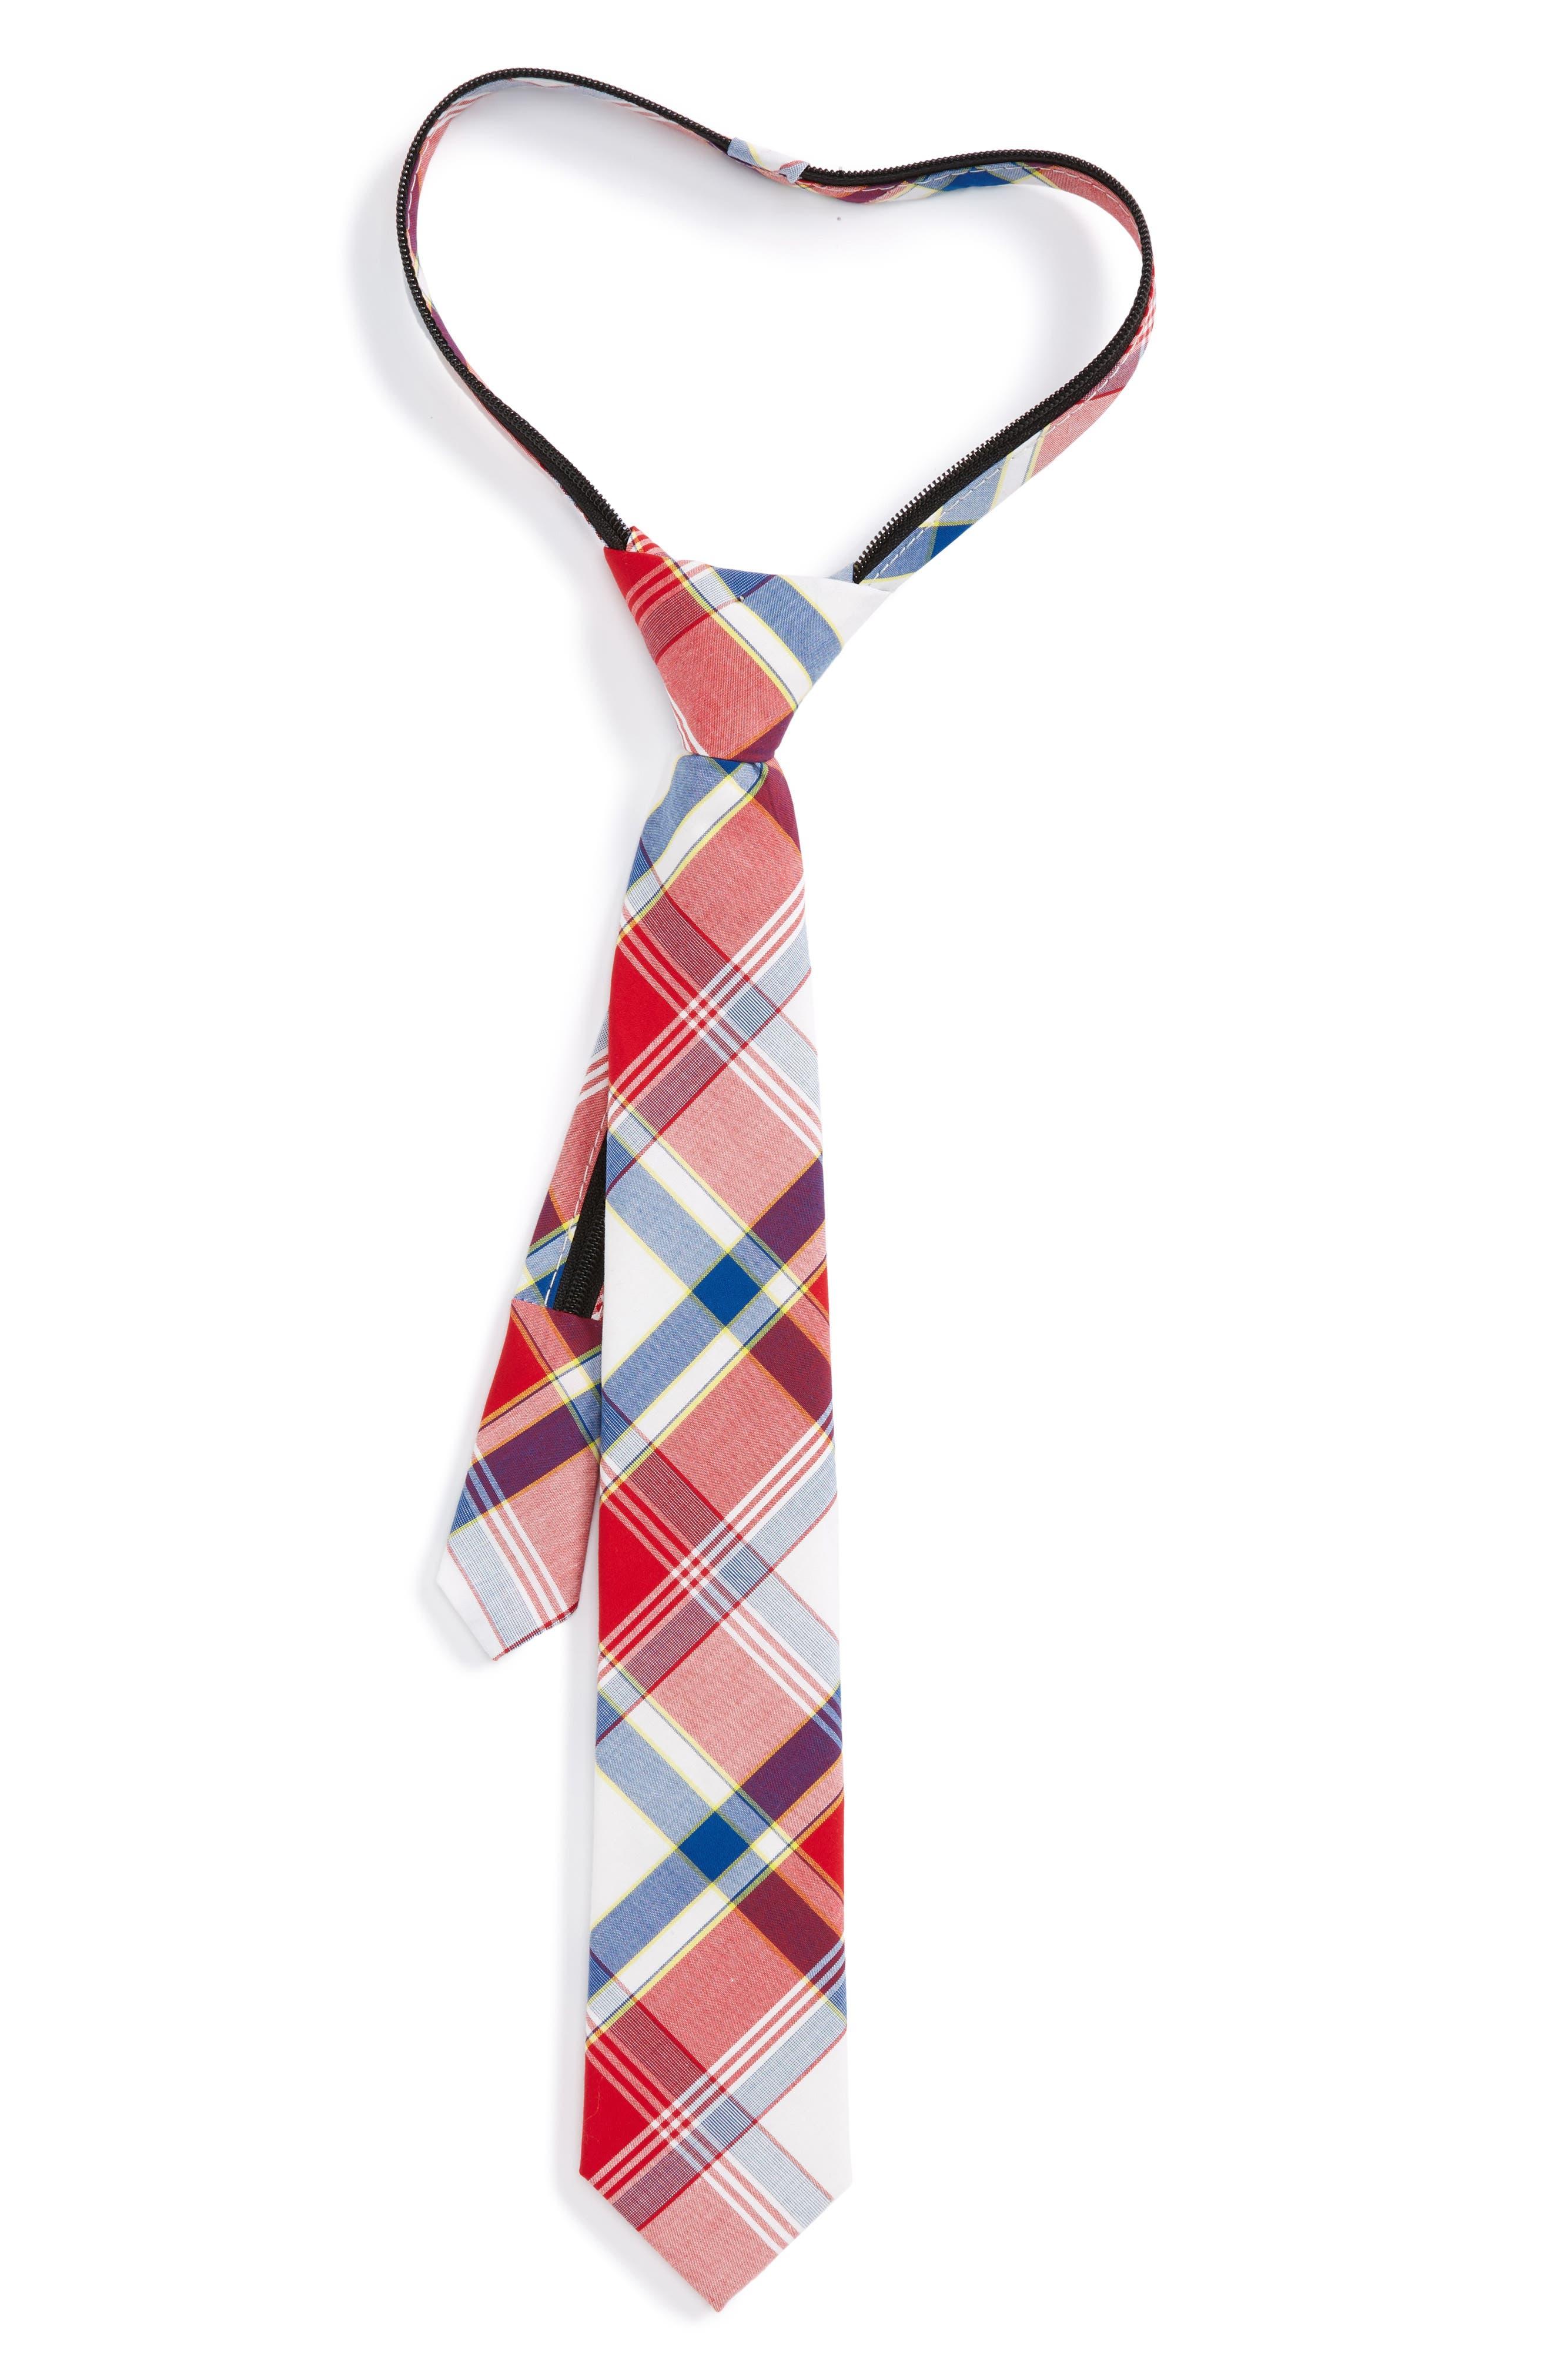 Plaid Cotton Zip Tie,                             Main thumbnail 1, color,                             Red- Navy Plaid